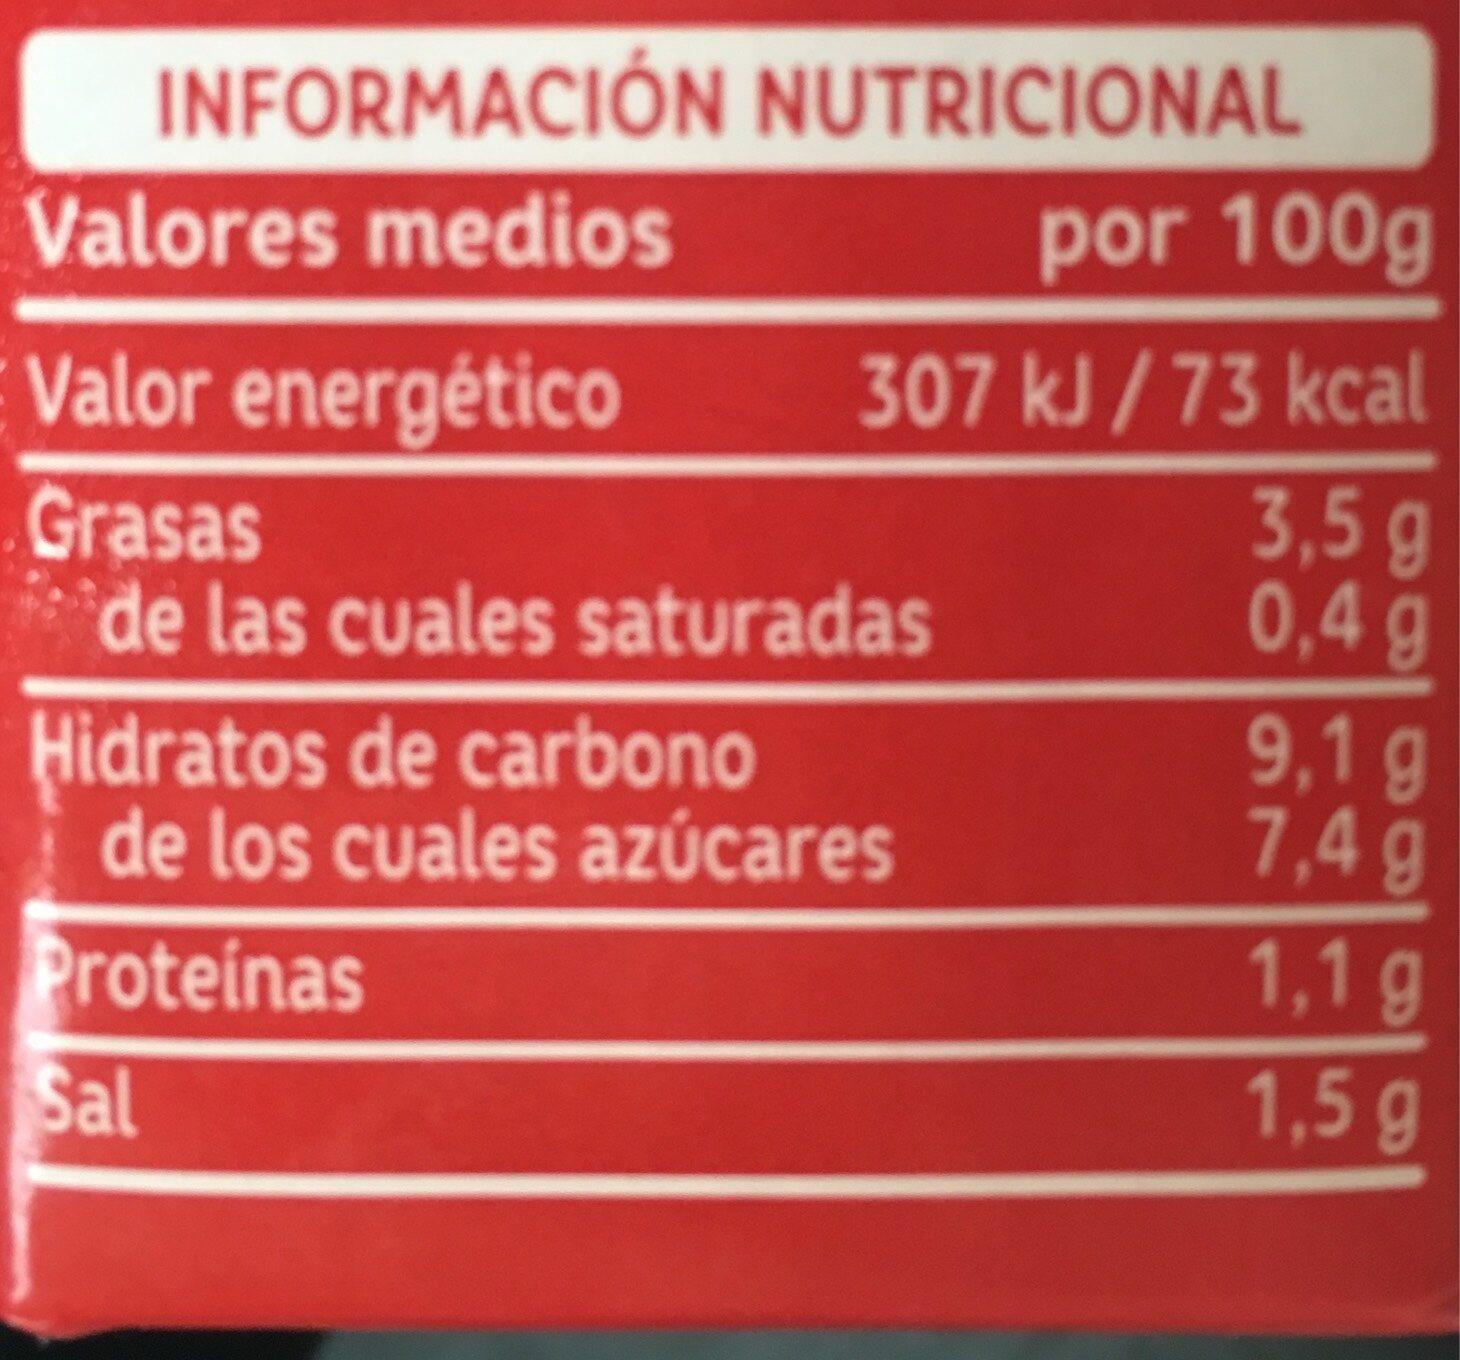 Tomate Frito Orlando - Información nutricional